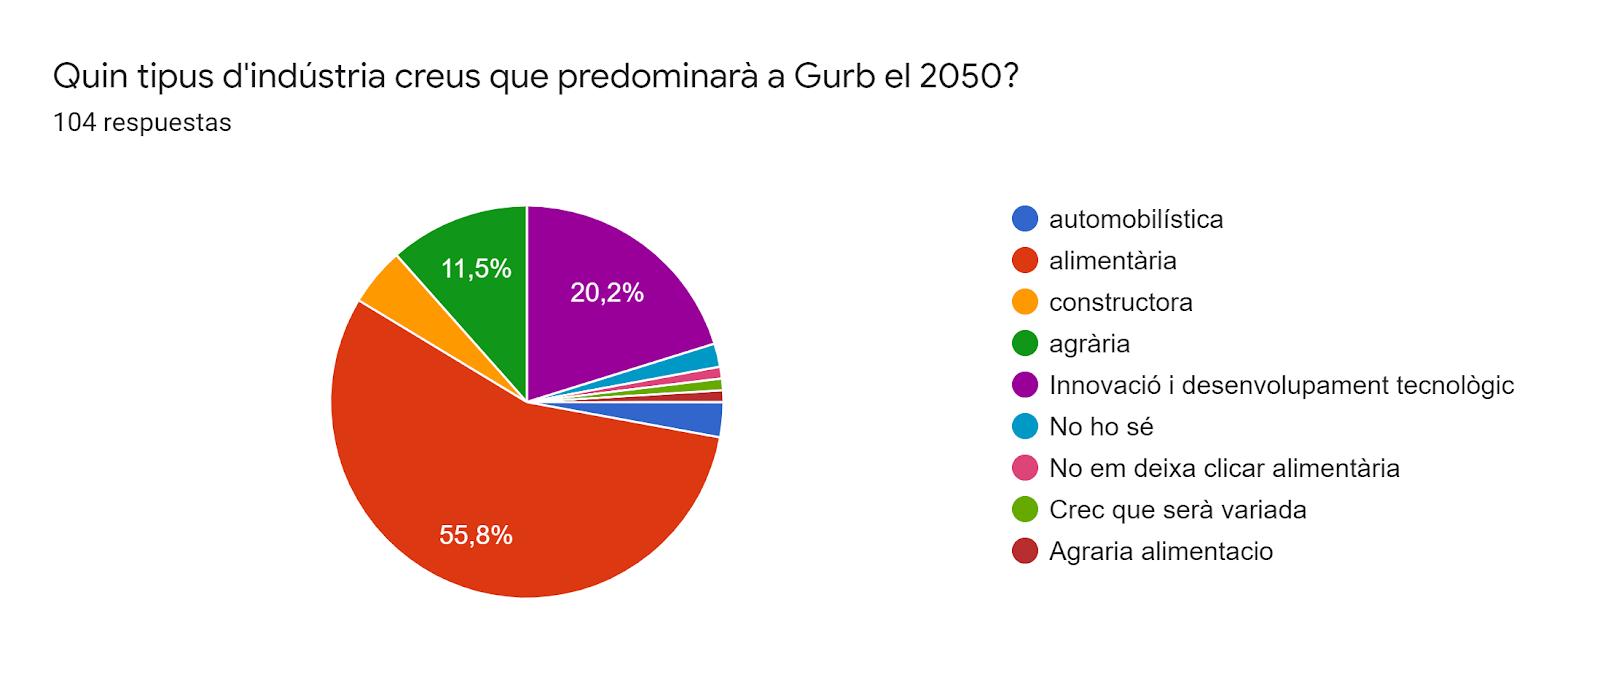 Gráfico de respuestas de formularios. Título de la pregunta:Quin tipus d'indústria creus que predominarà a Gurb el 2050? . Número de respuestas:104 respuestas.